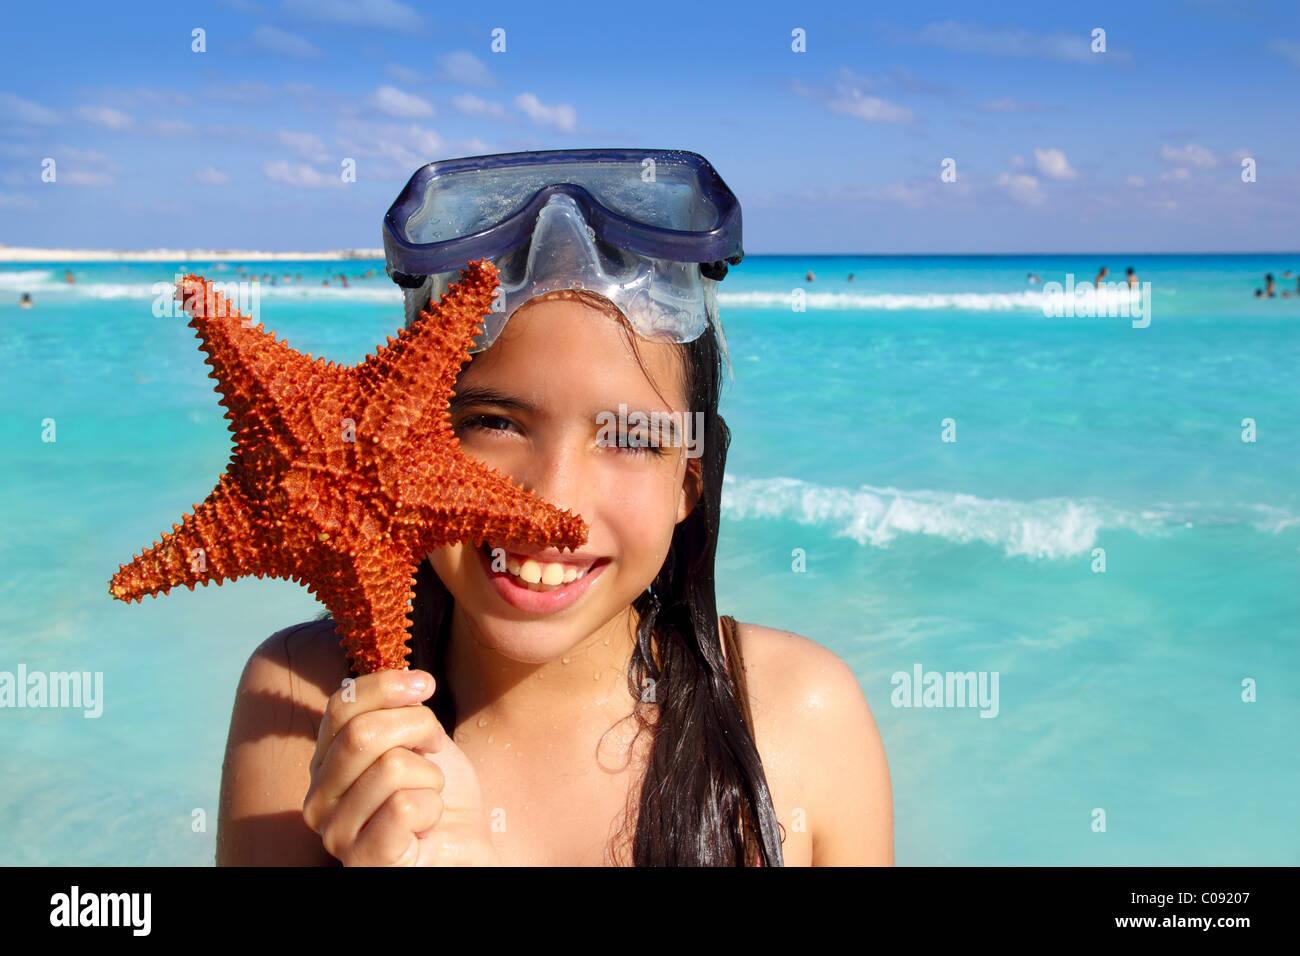 Latein touristischen Mädchen mit Seestern in tropischen Strand Stockbild